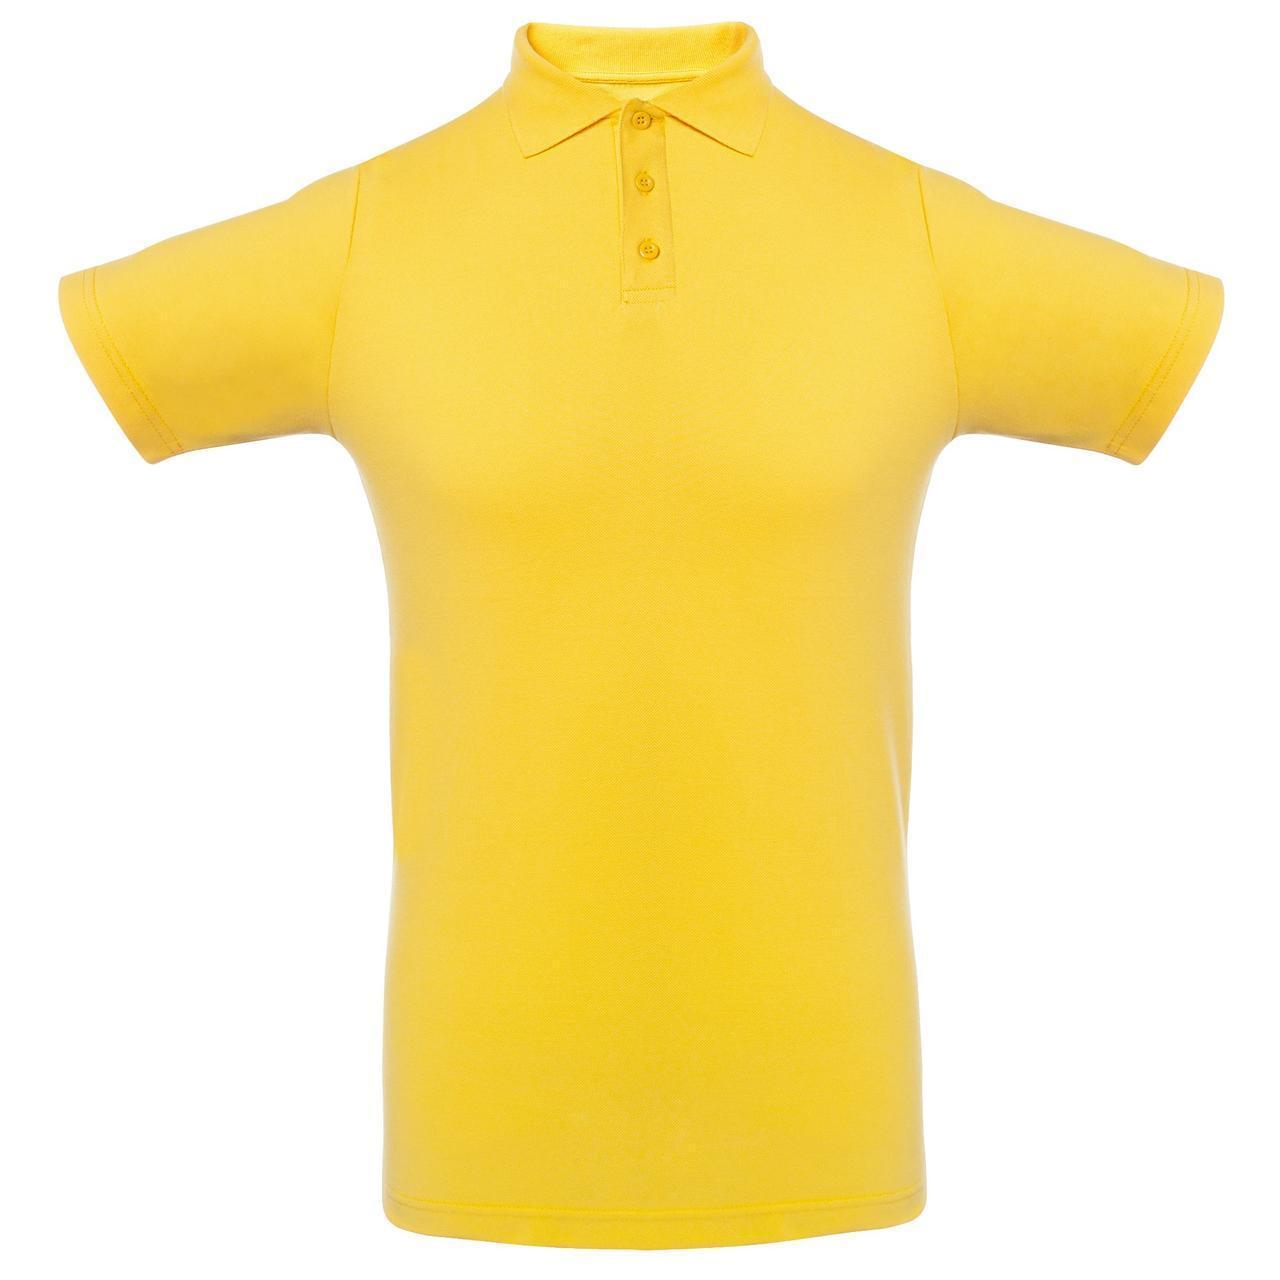 Футболка Поло Желтая.200 гр.M